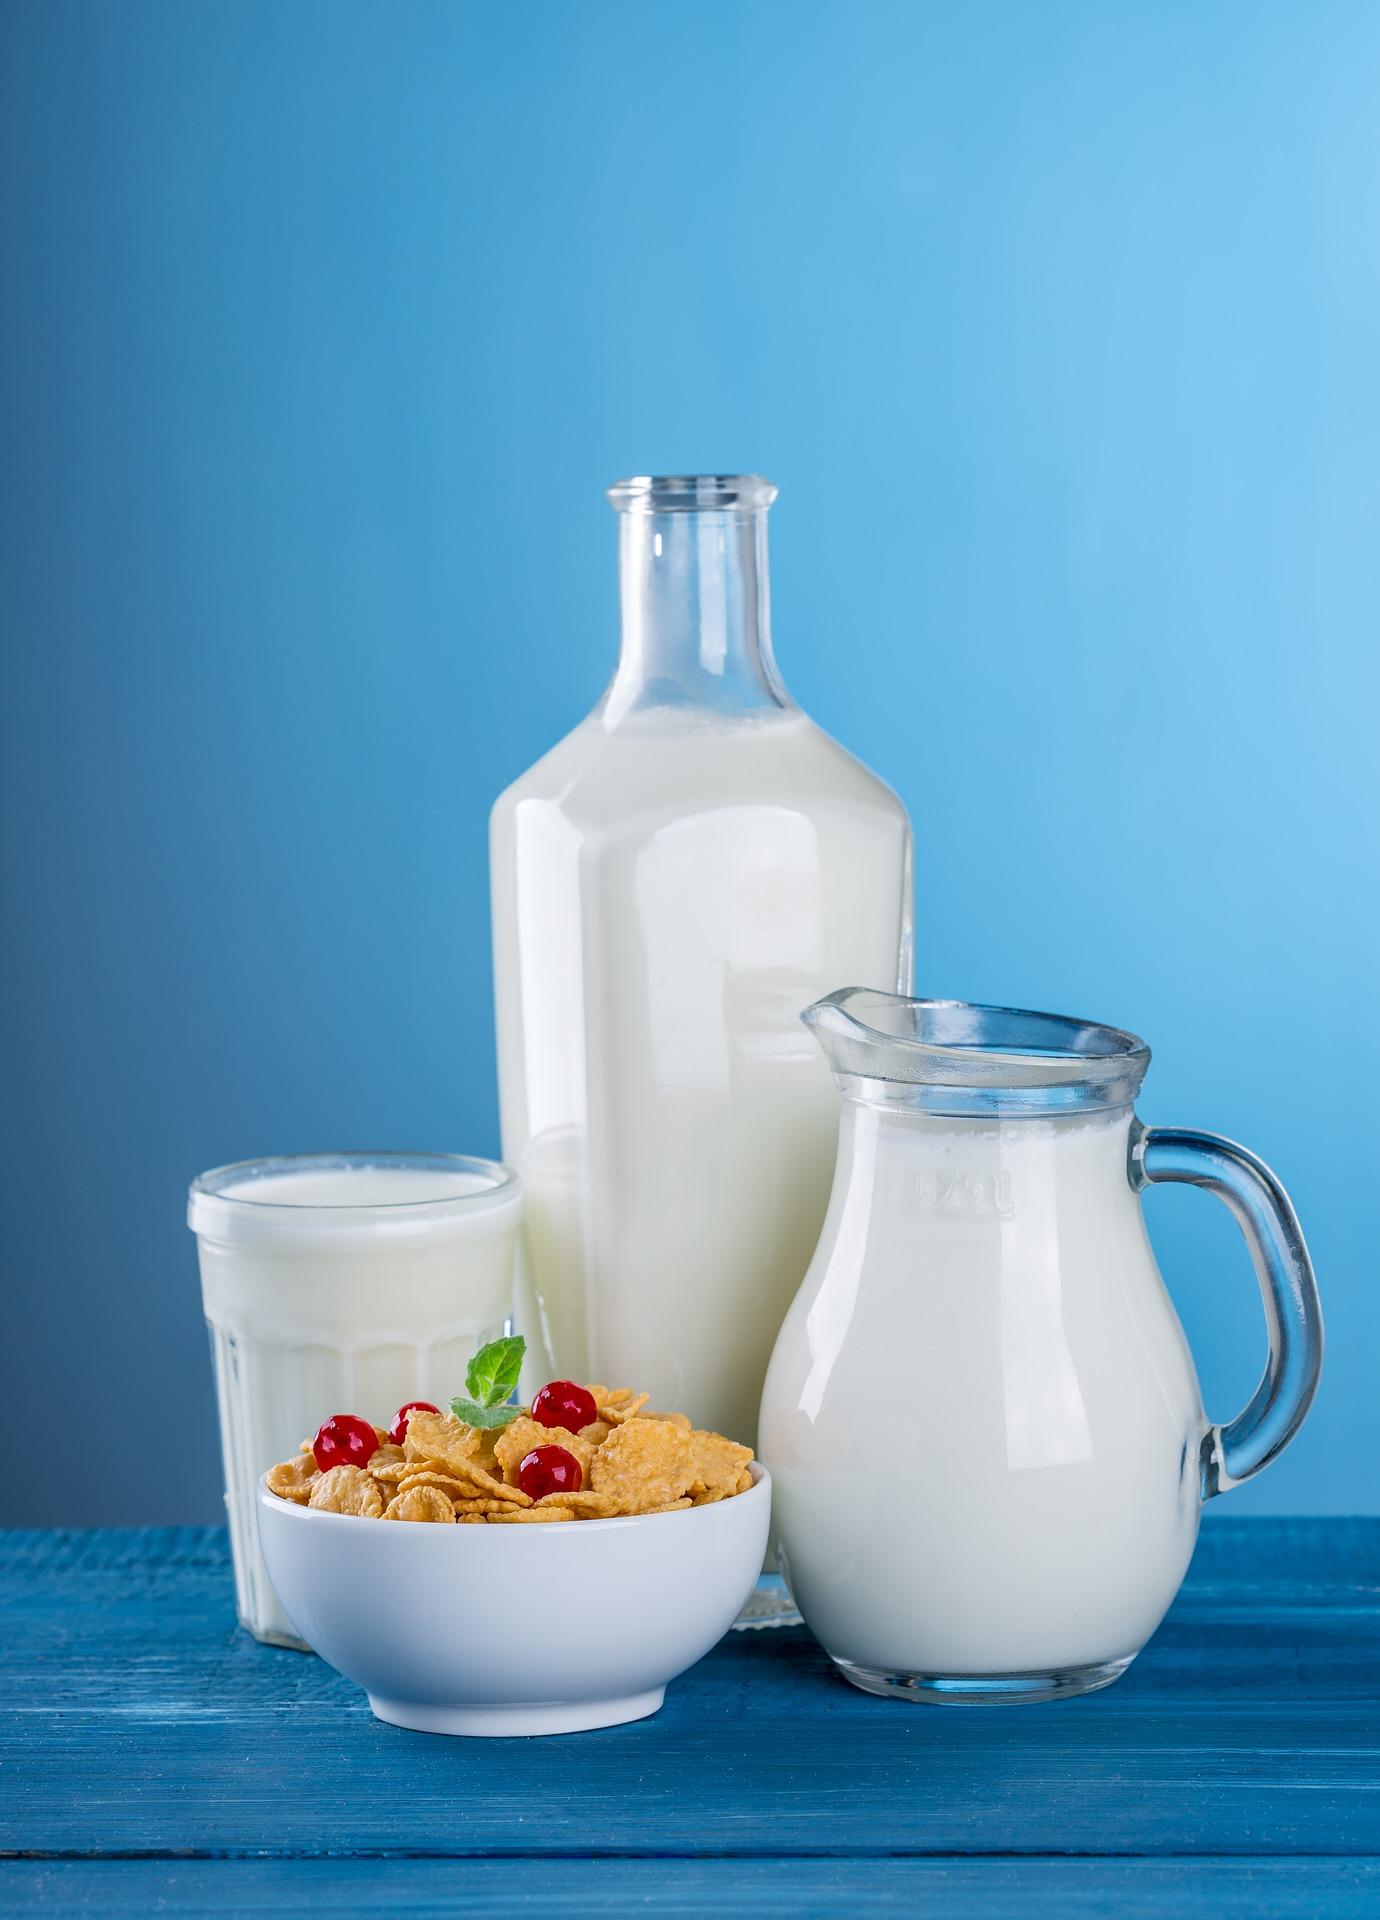 Изменения в техрегламент на молоко вступили в силу